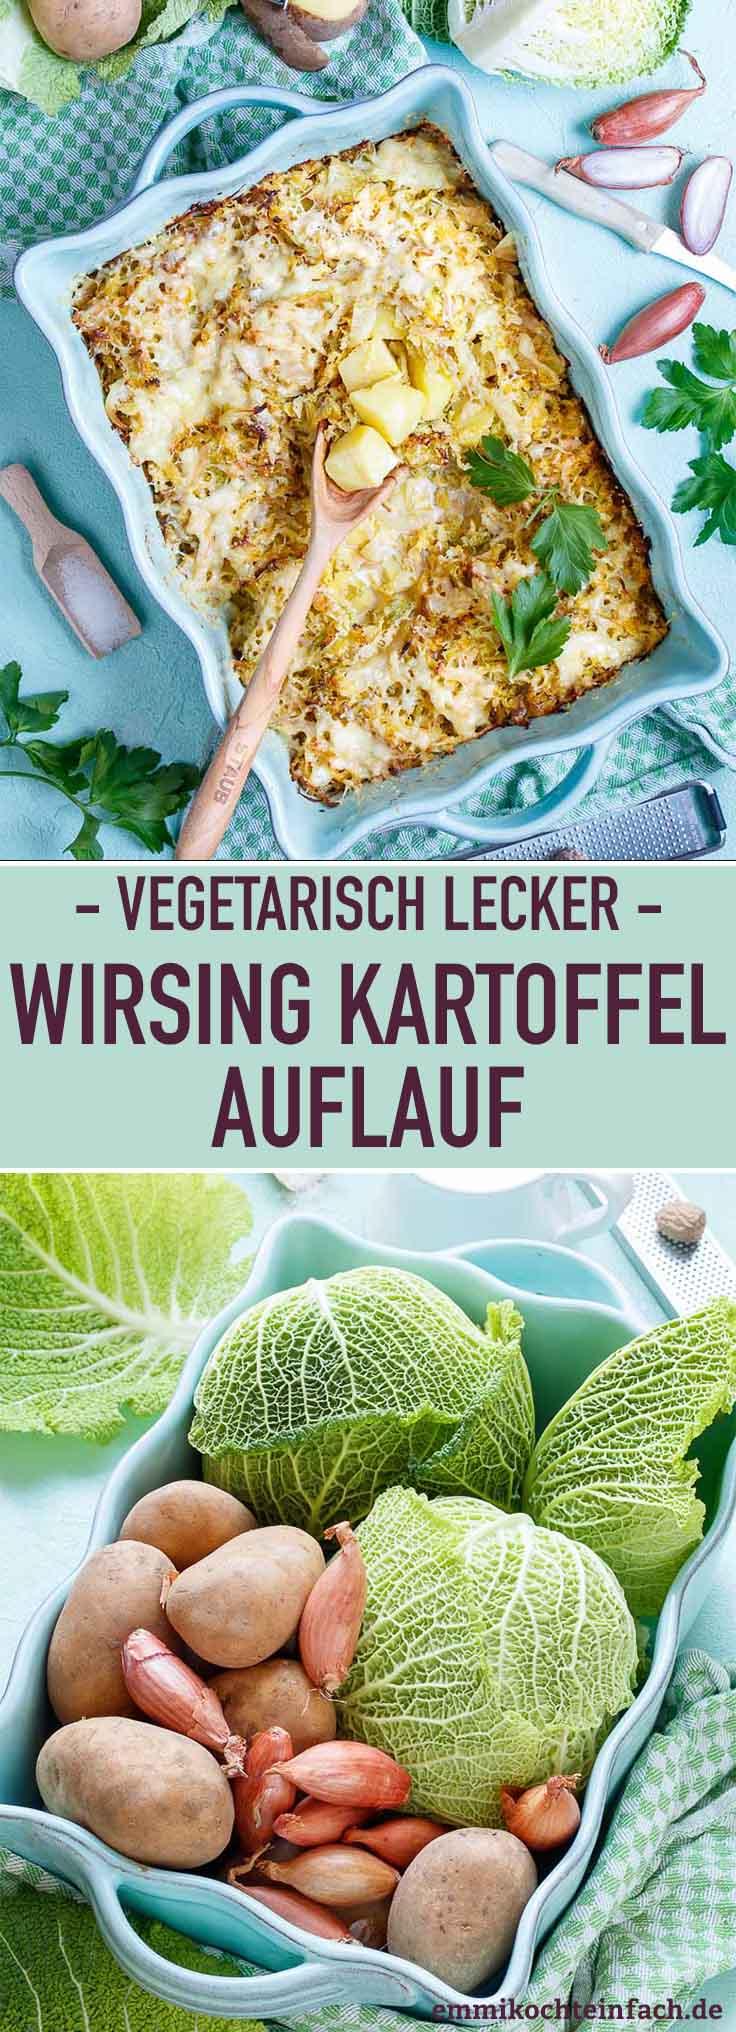 Wirsing Kartoffel Auflauf - www.emmikochteinfach.de